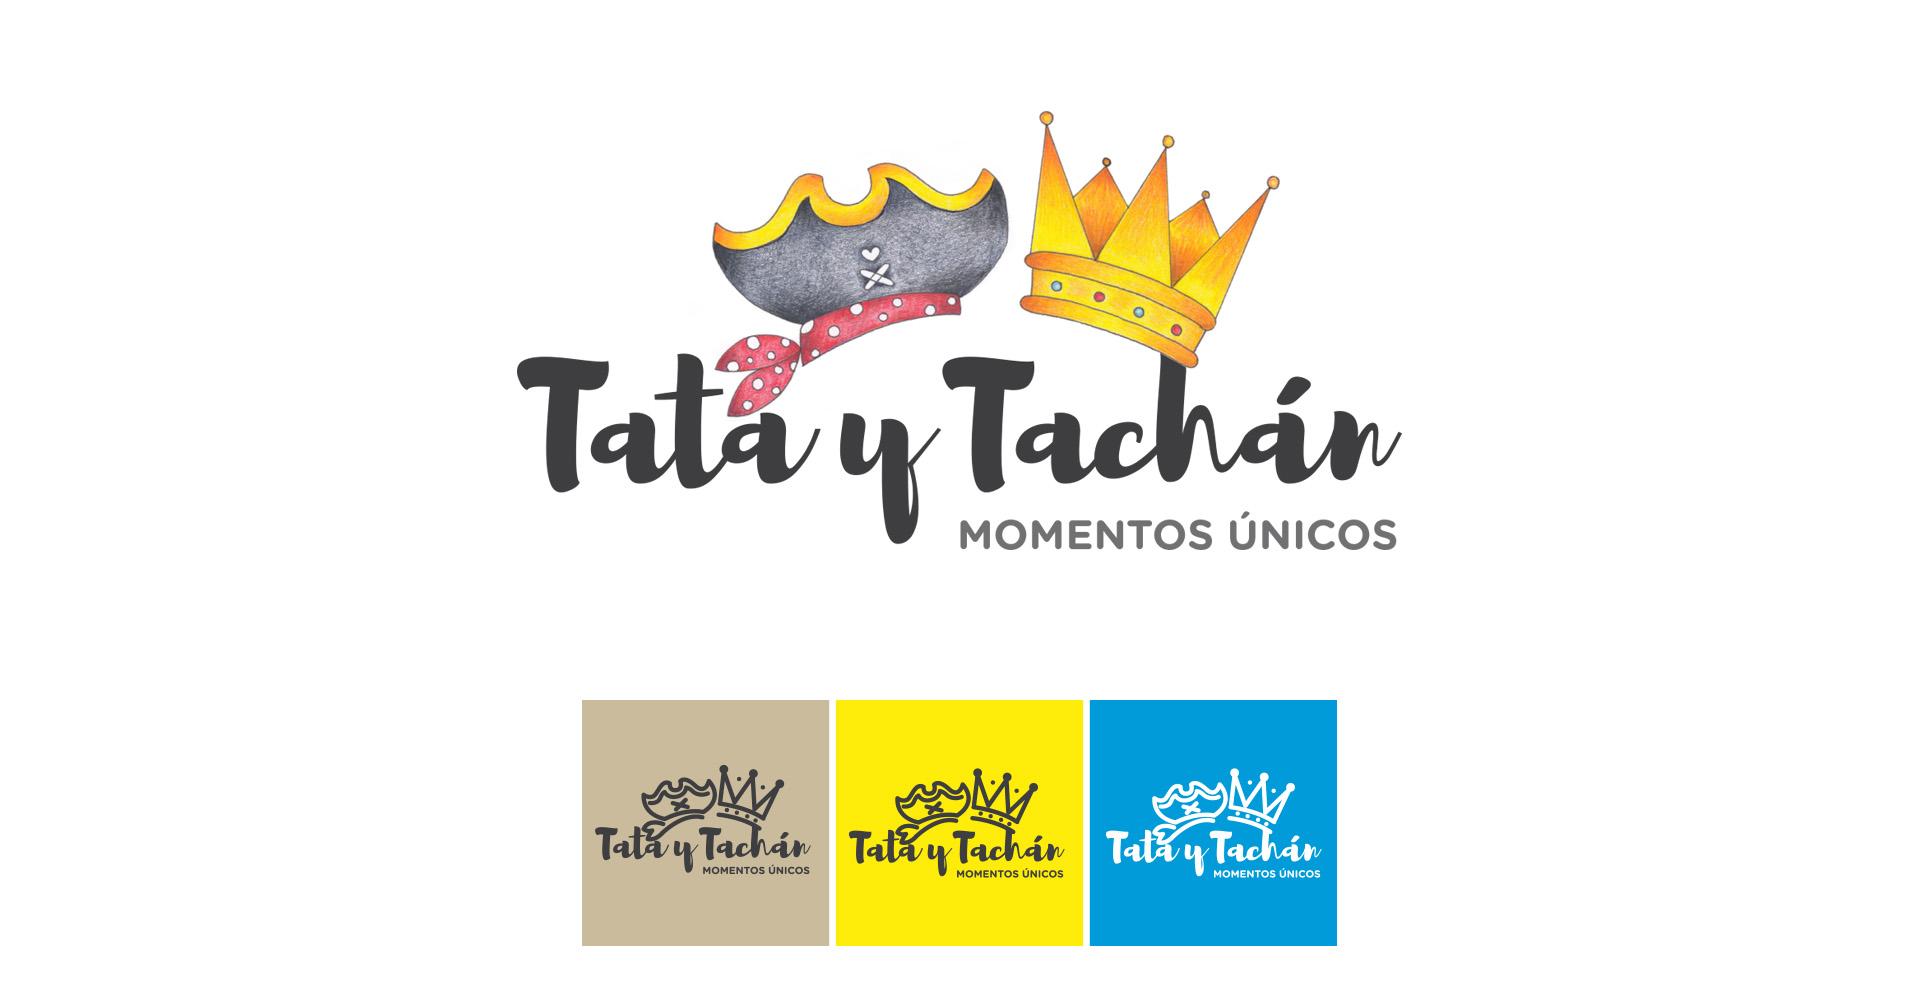 tata y tachan - juego de imaginación para niños - imagina imagina